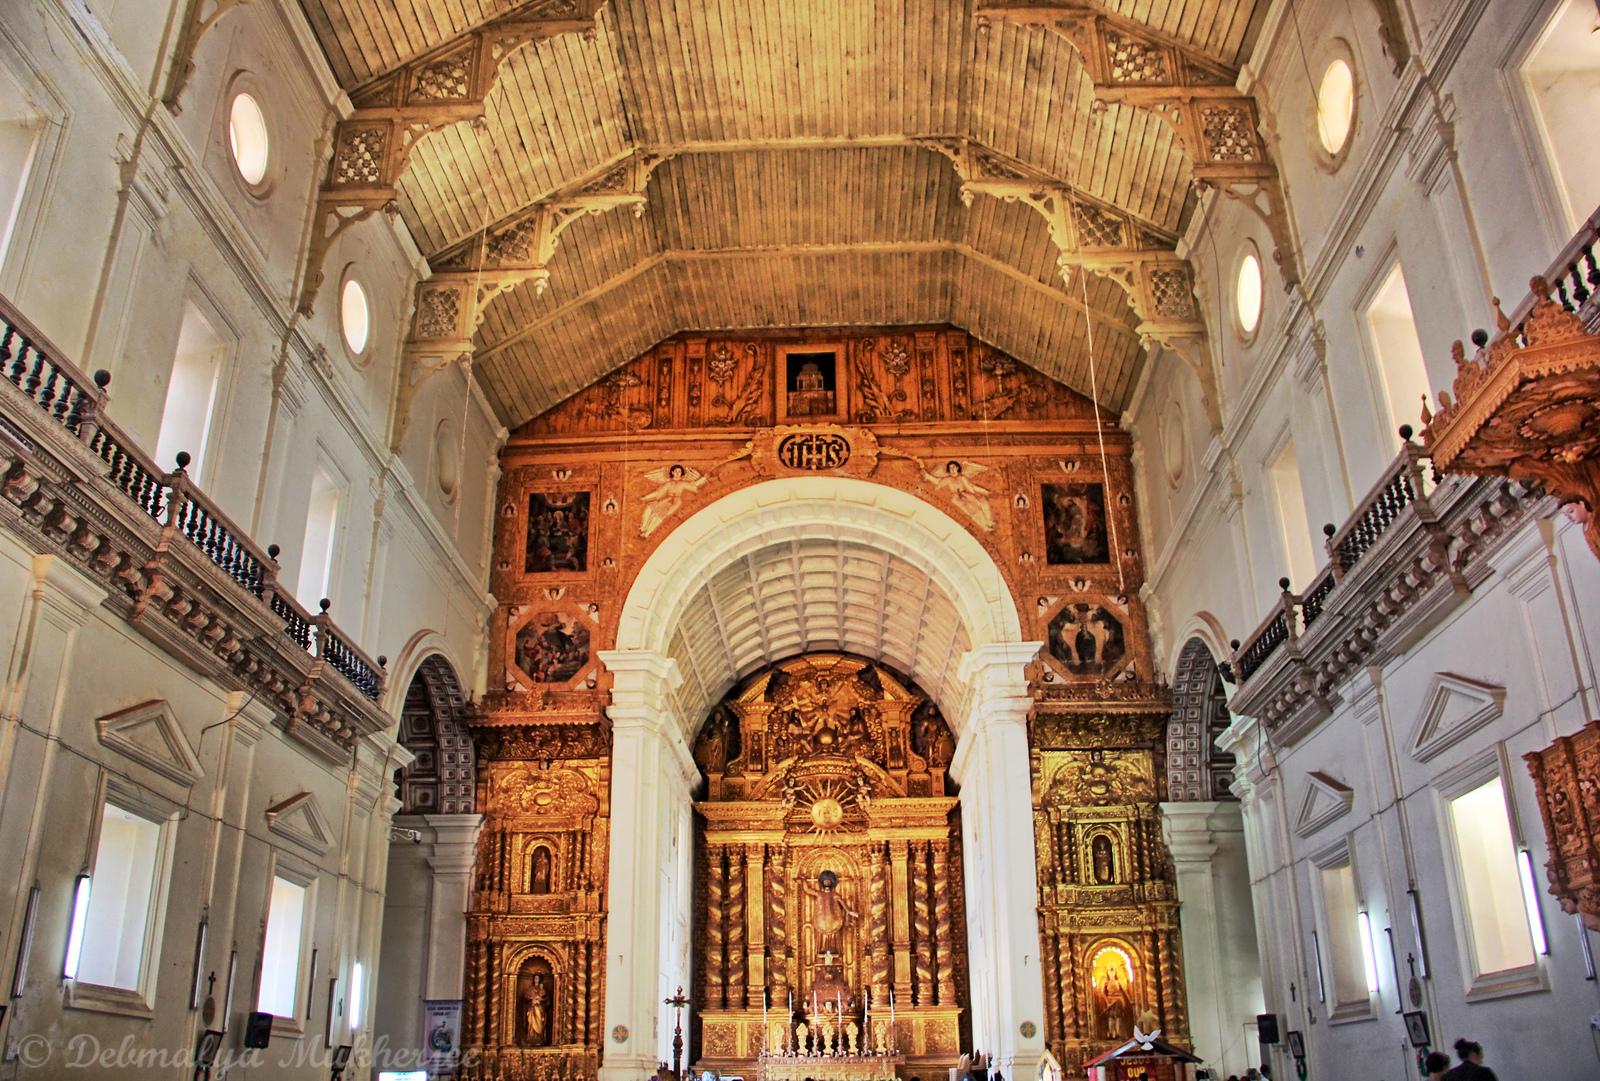 Fotos de bom jesus de pirapora sp 83